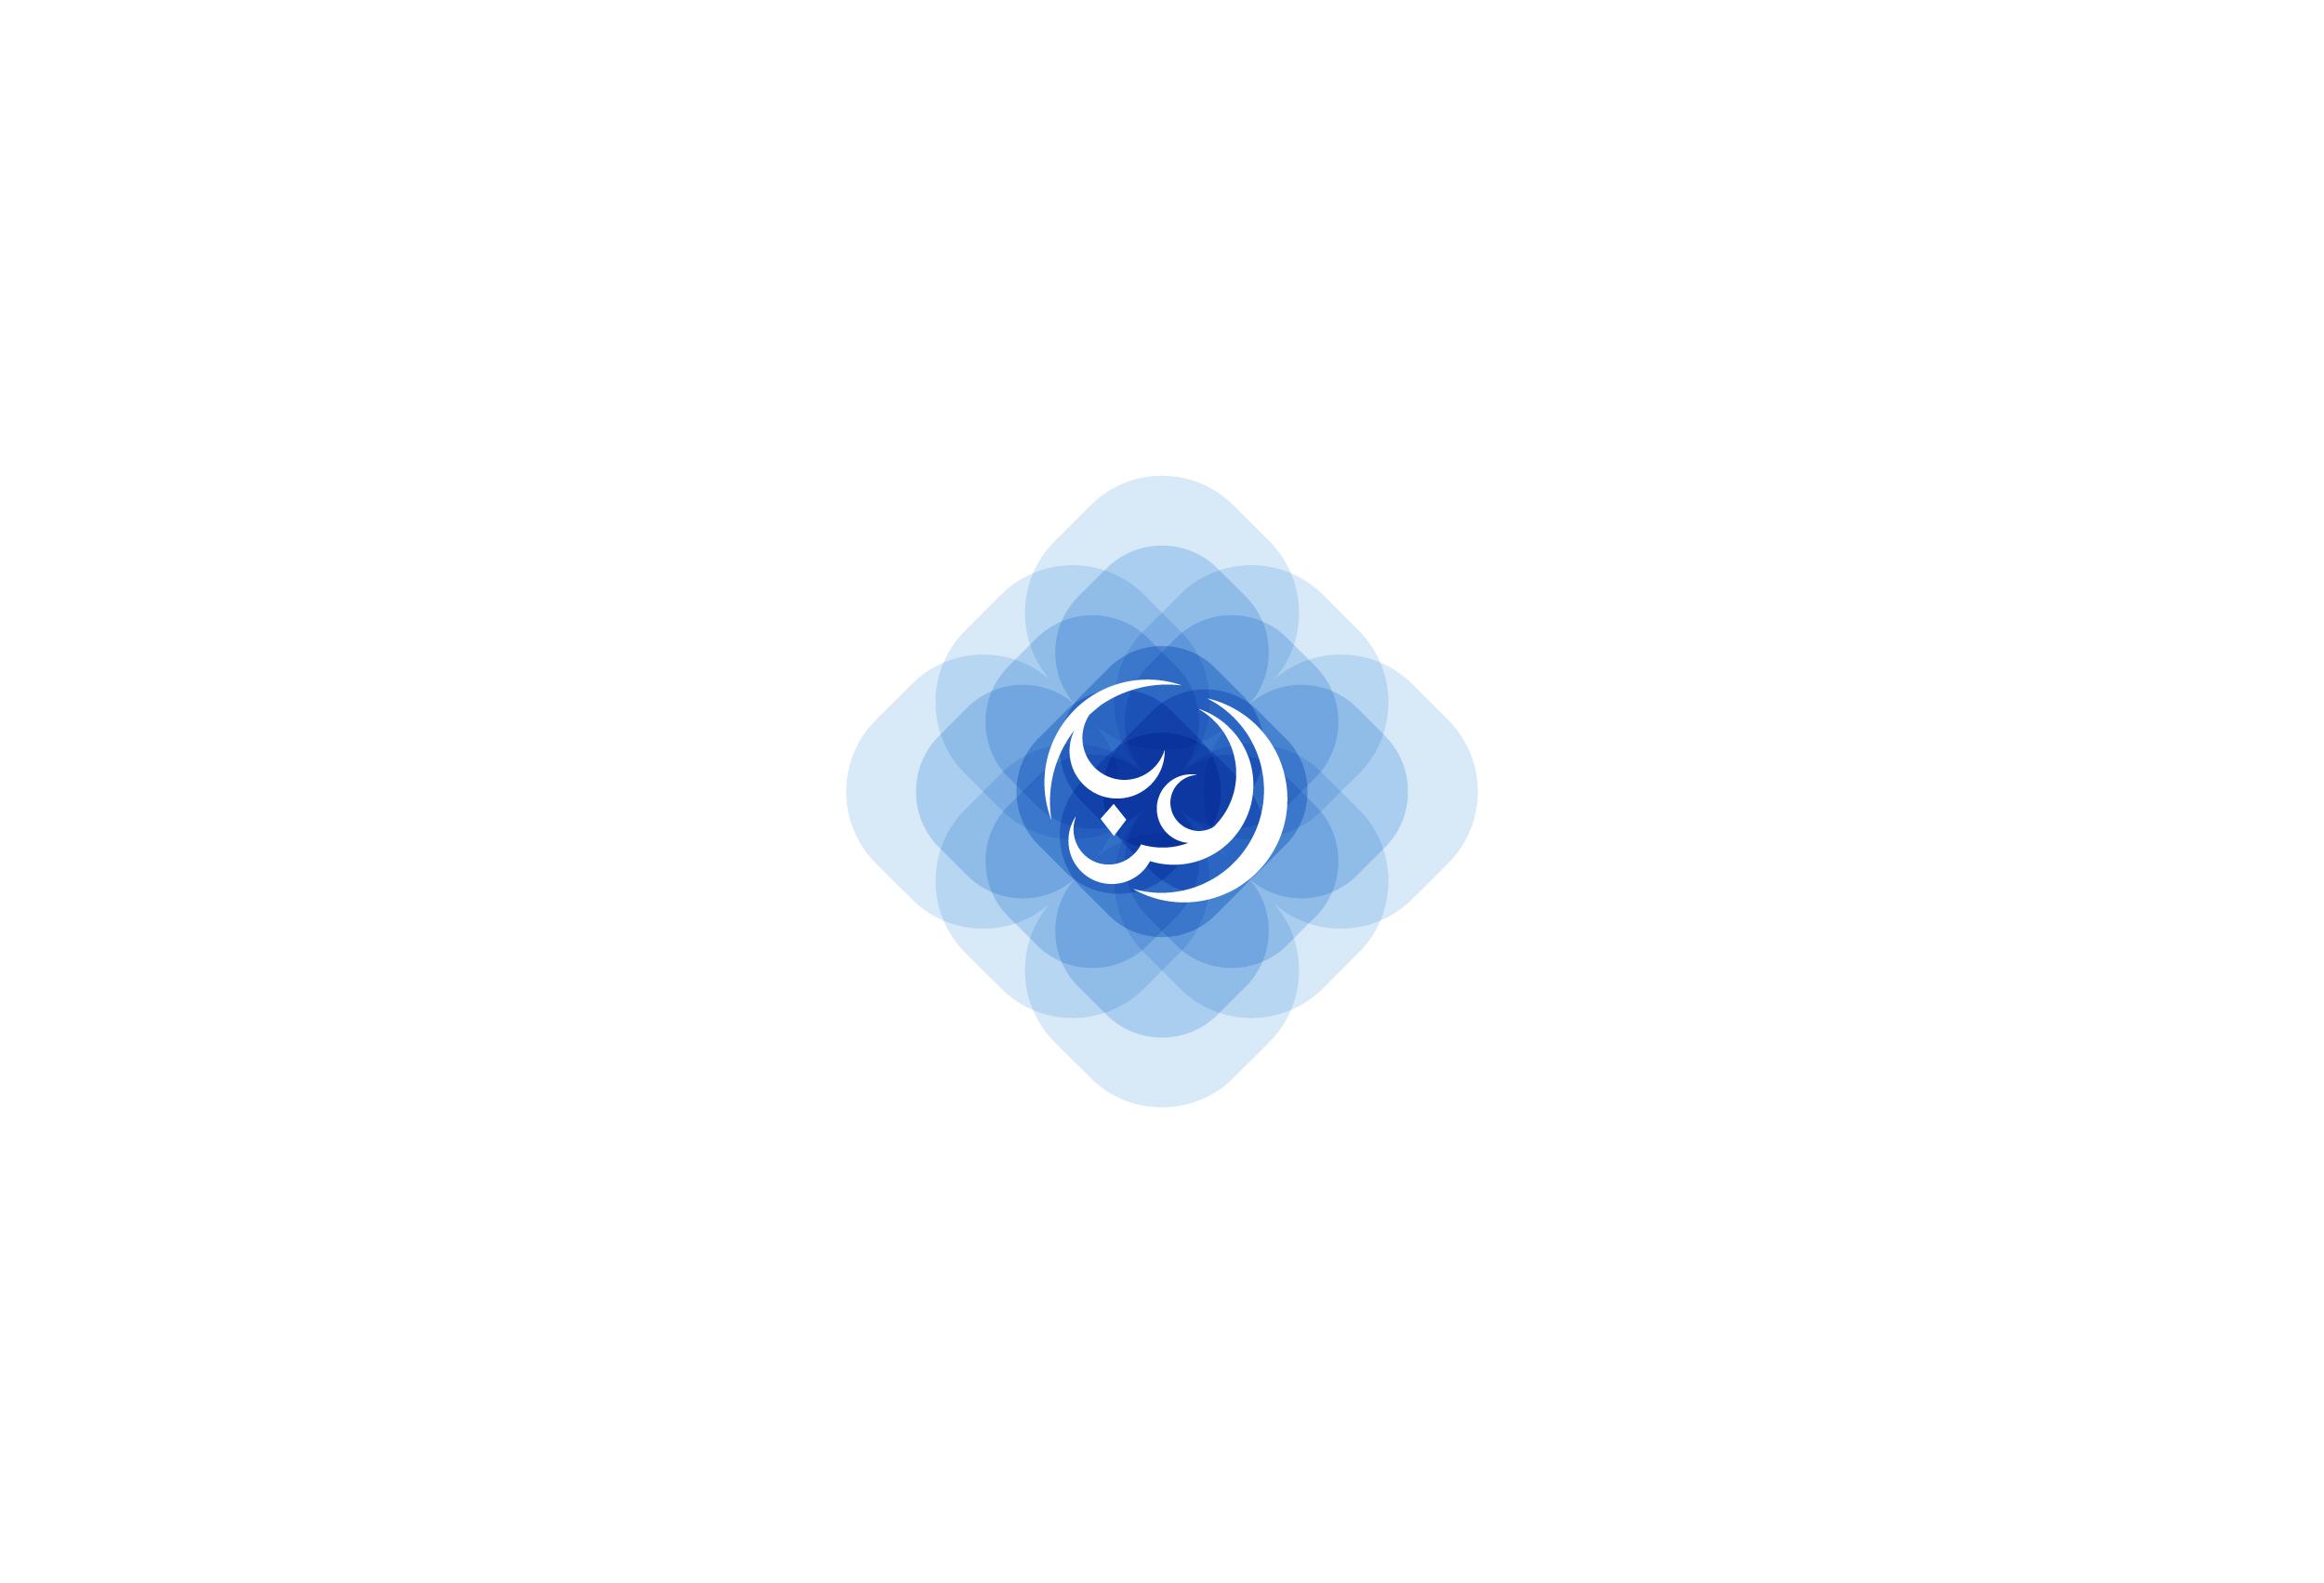 dezakaya-logo-design-madinat-al-arab